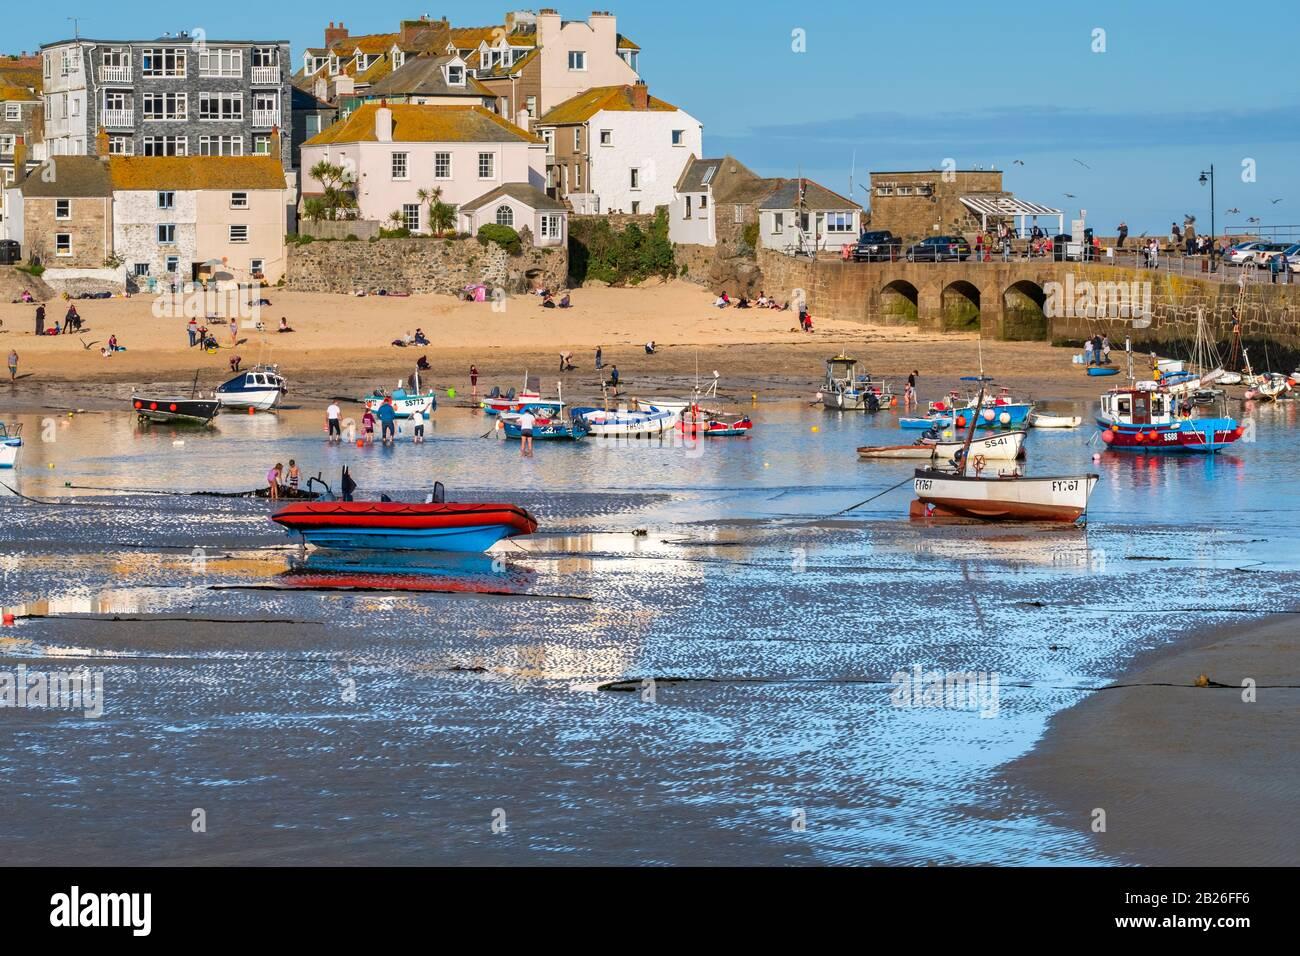 Blick über den Strand von St Ives Harbour zum Smeatons Pier mit Leuten am Strand, Booten im Hafen und Häusern, St Ives, Cornwall, Großbritannien Stockfoto